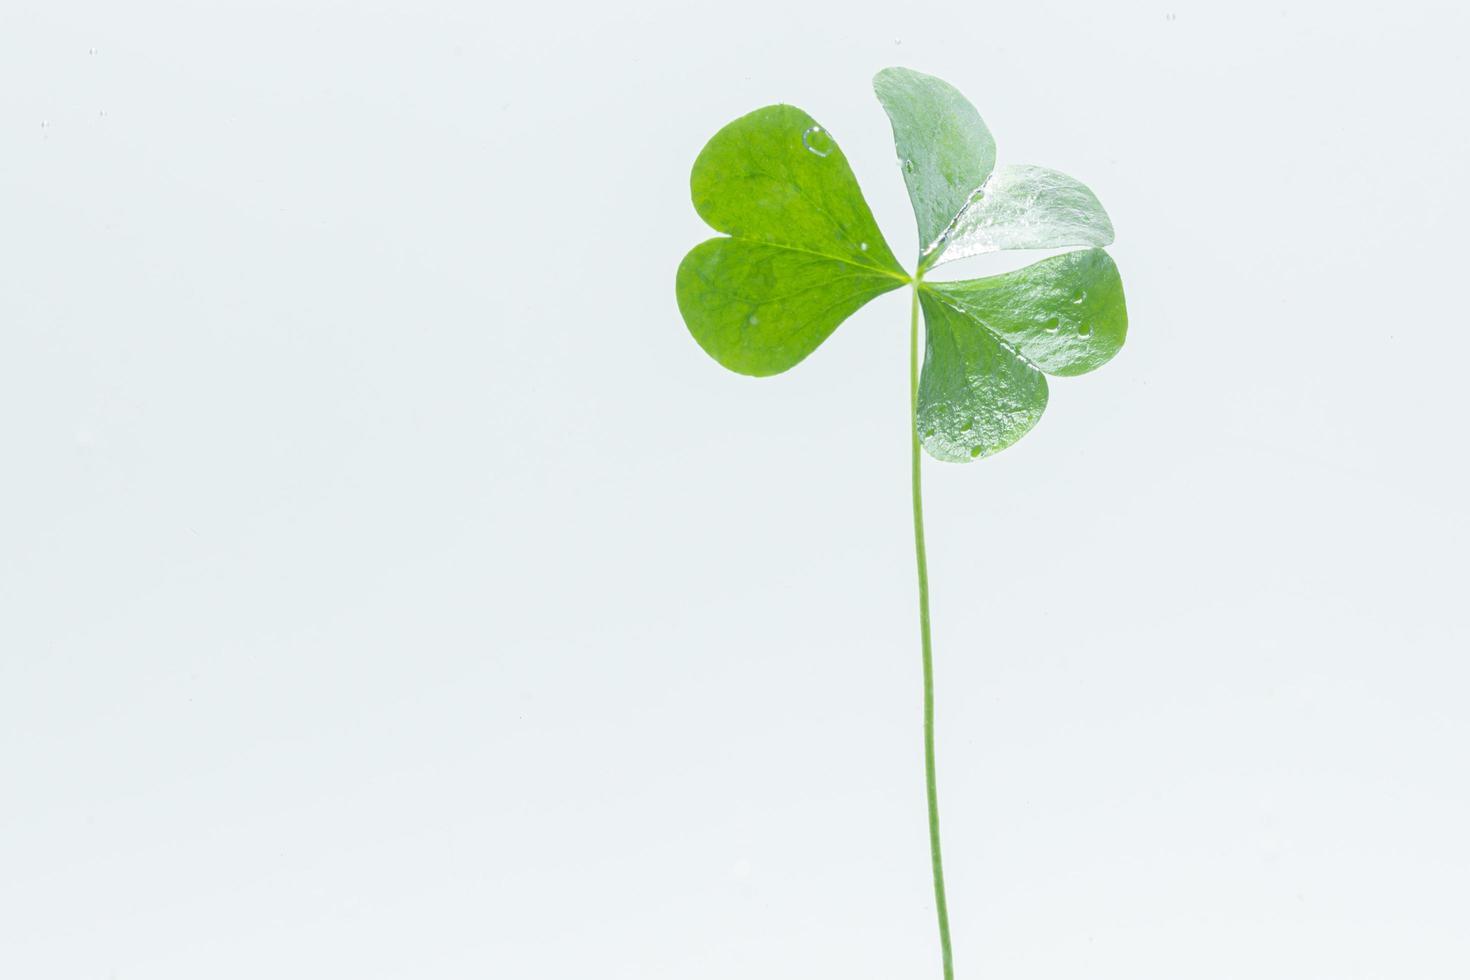 grüne Pflanze im Wasser foto